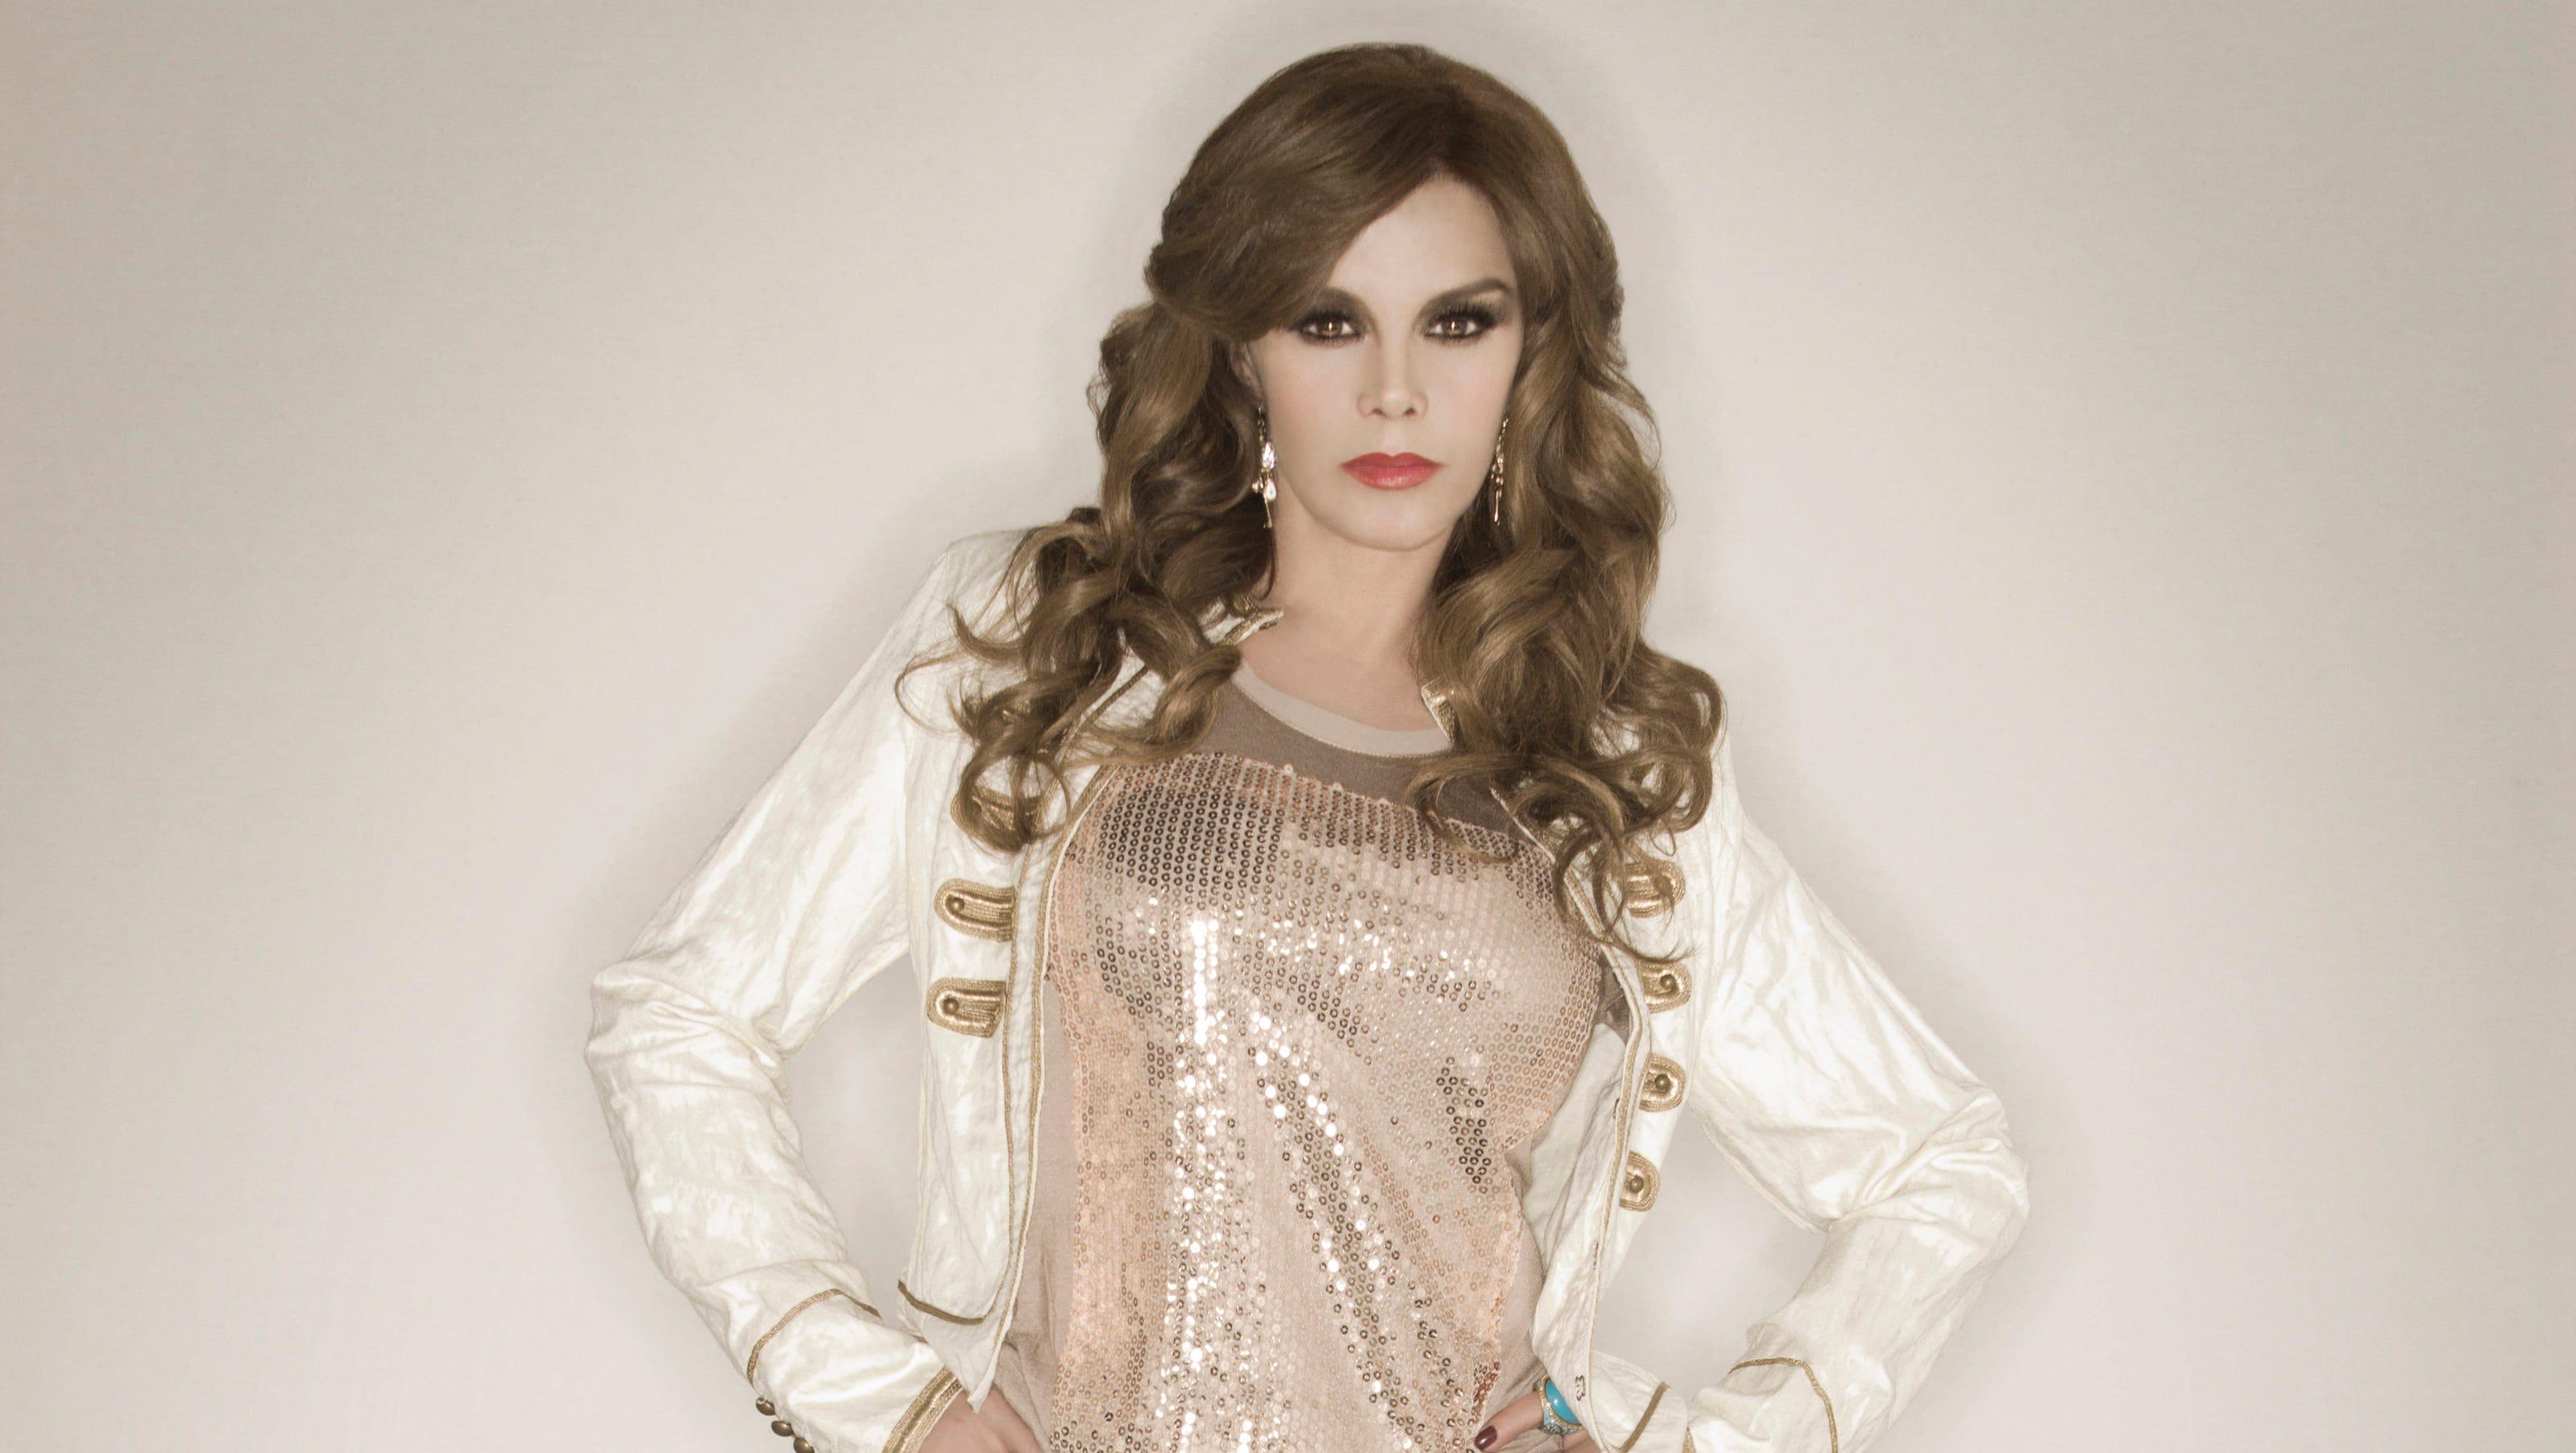 Лусия Мендес/Lucia Mendez 5 - Страница 2 1398385976000-LUCIA-mendez-1